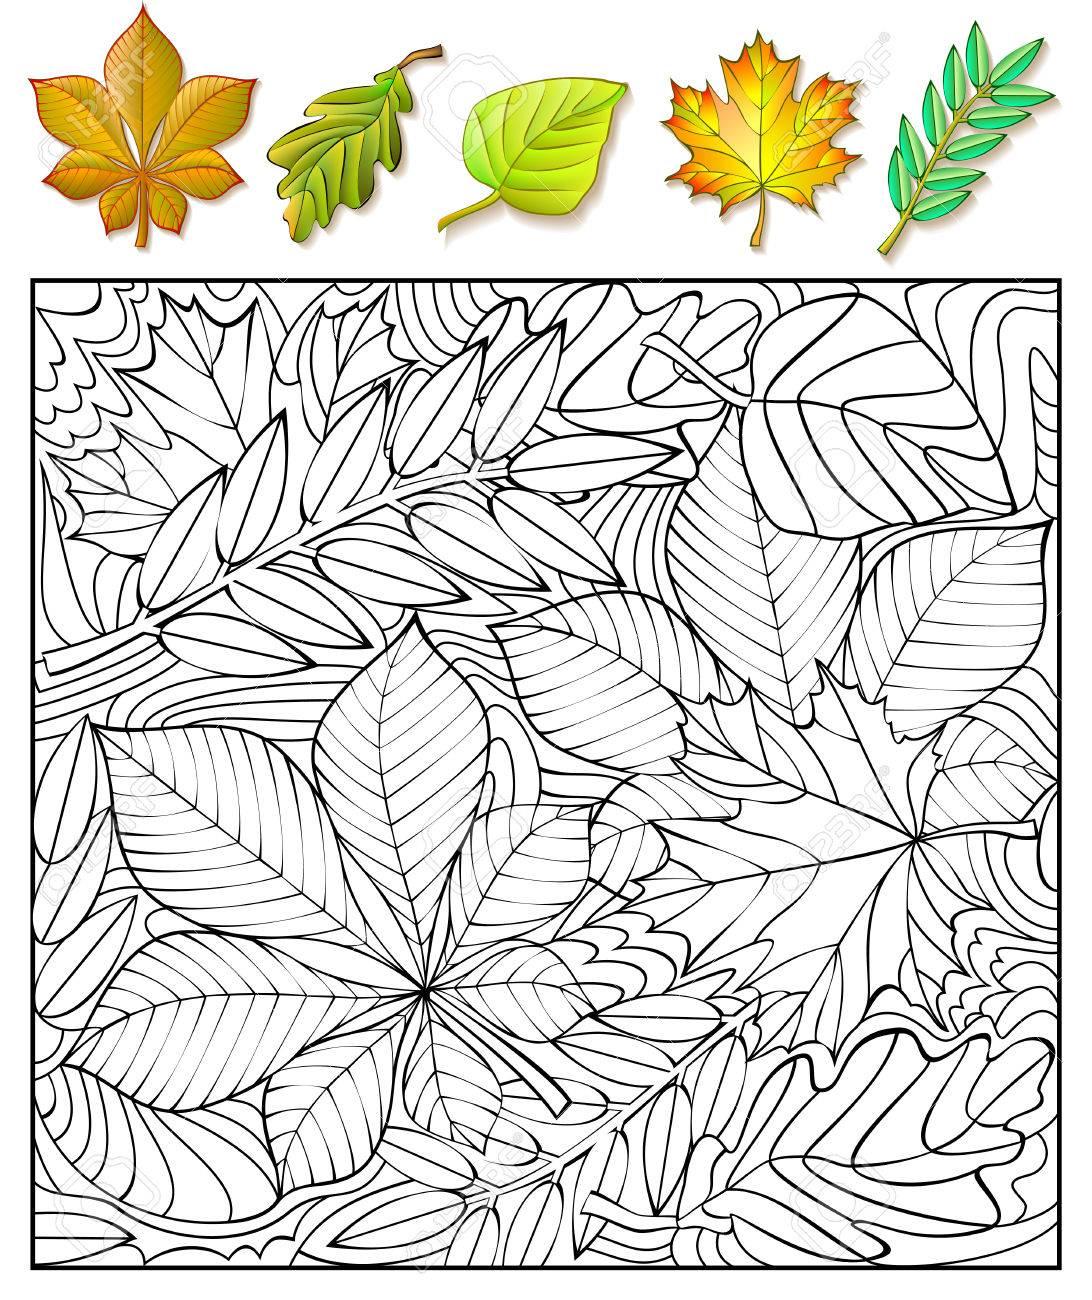 Ejercicios Para Los Niños Necesidad De Encontrar Y Pintar Las Hojas El Desarrollo De Habilidades Para Dibujar Y Colorear Imagen Del Vector